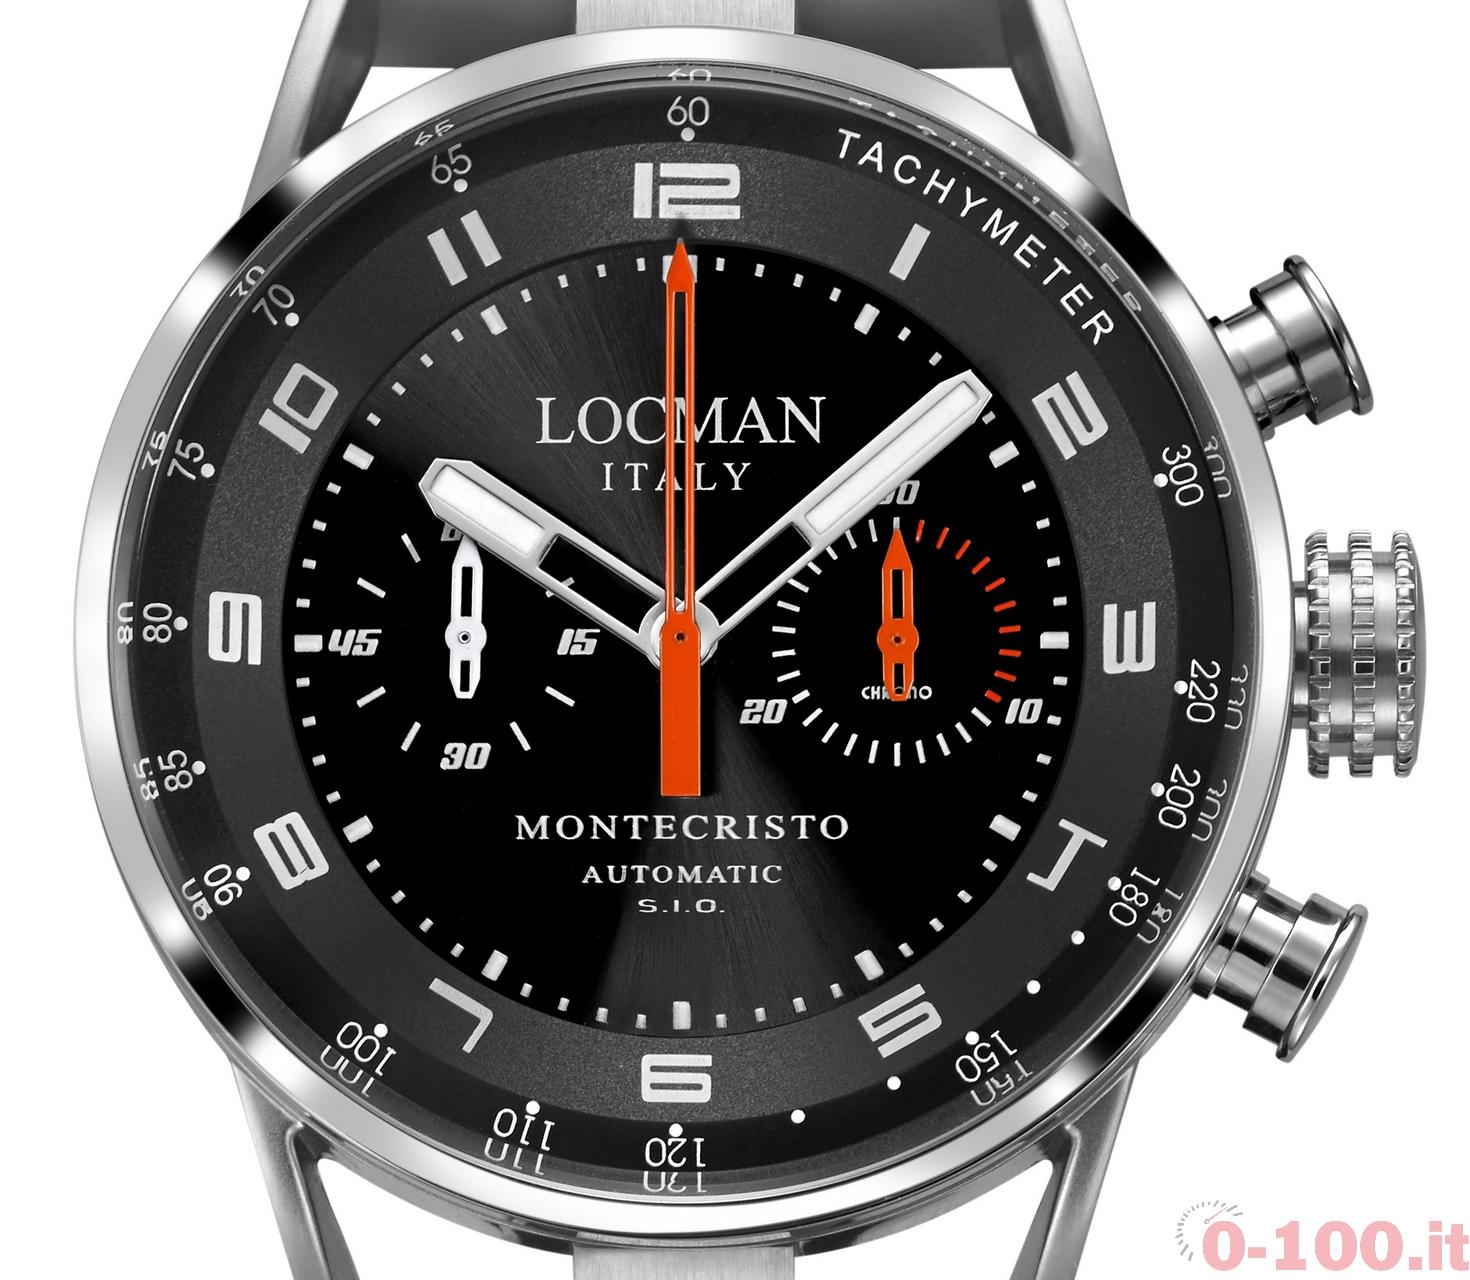 anteprima-baselworld-2014-locman-montecristo-cronografo-automatico-prezzo-price_0-1005